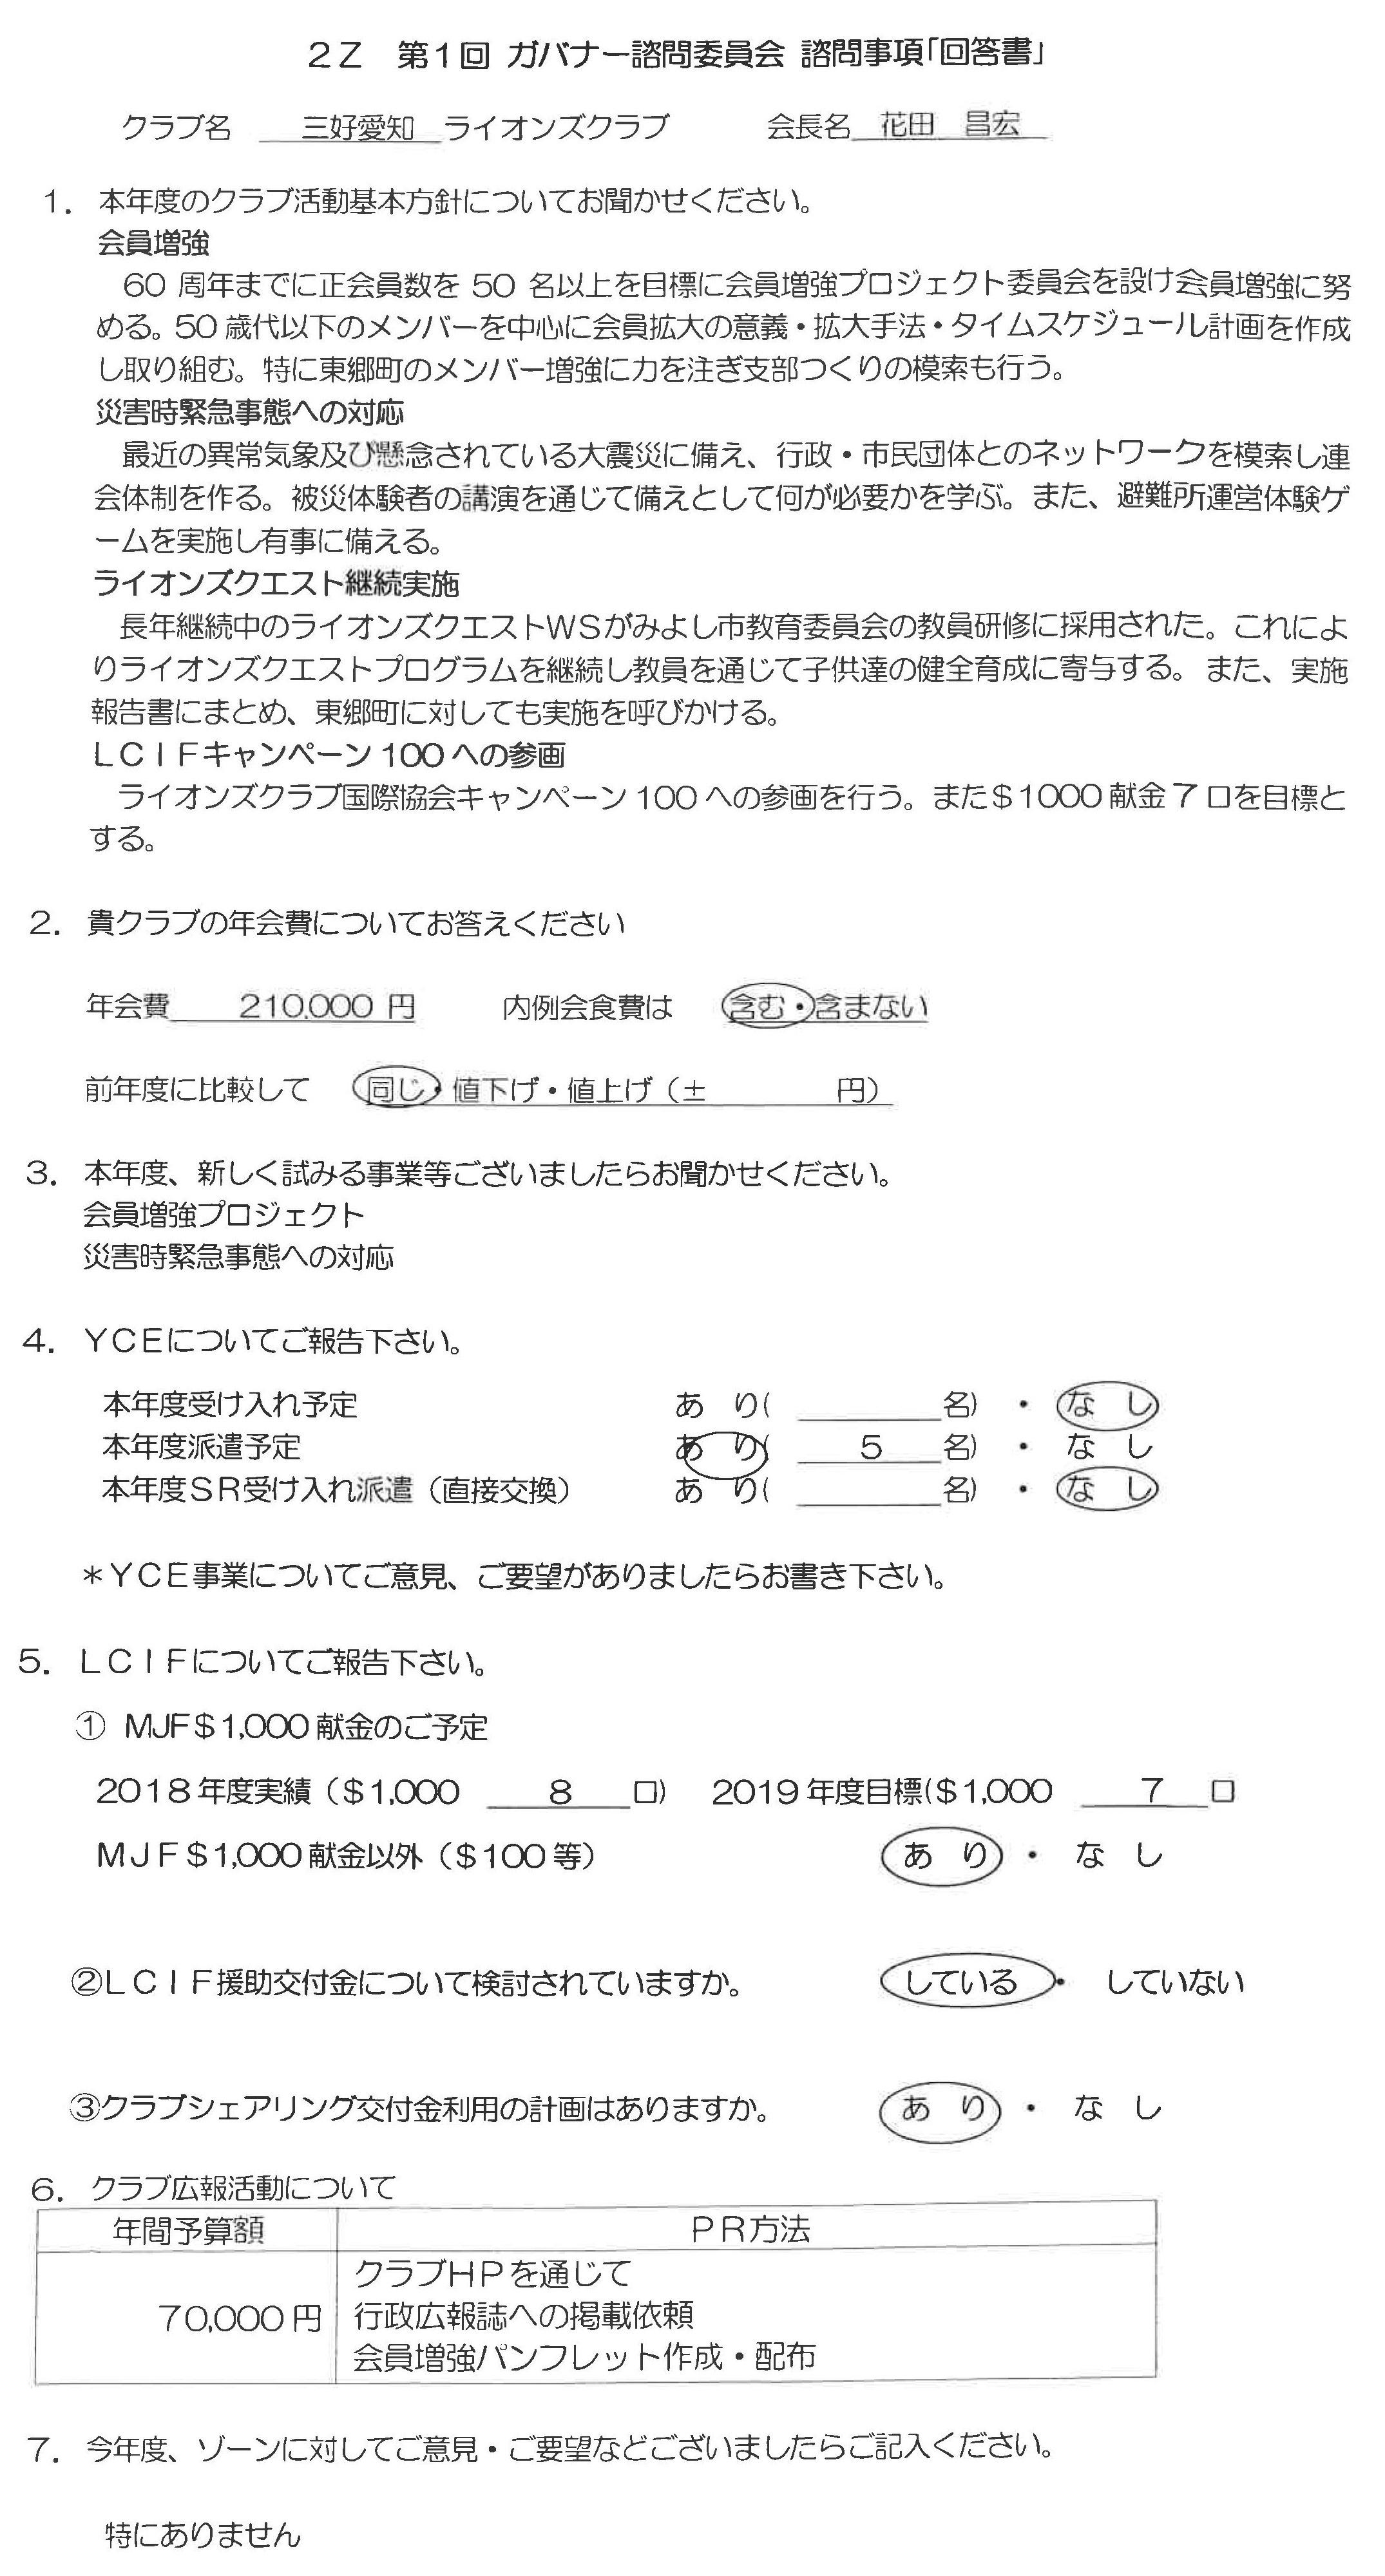 05第1回G諮問委員会Z会議 三好愛知LC諮問事項(回答書)1